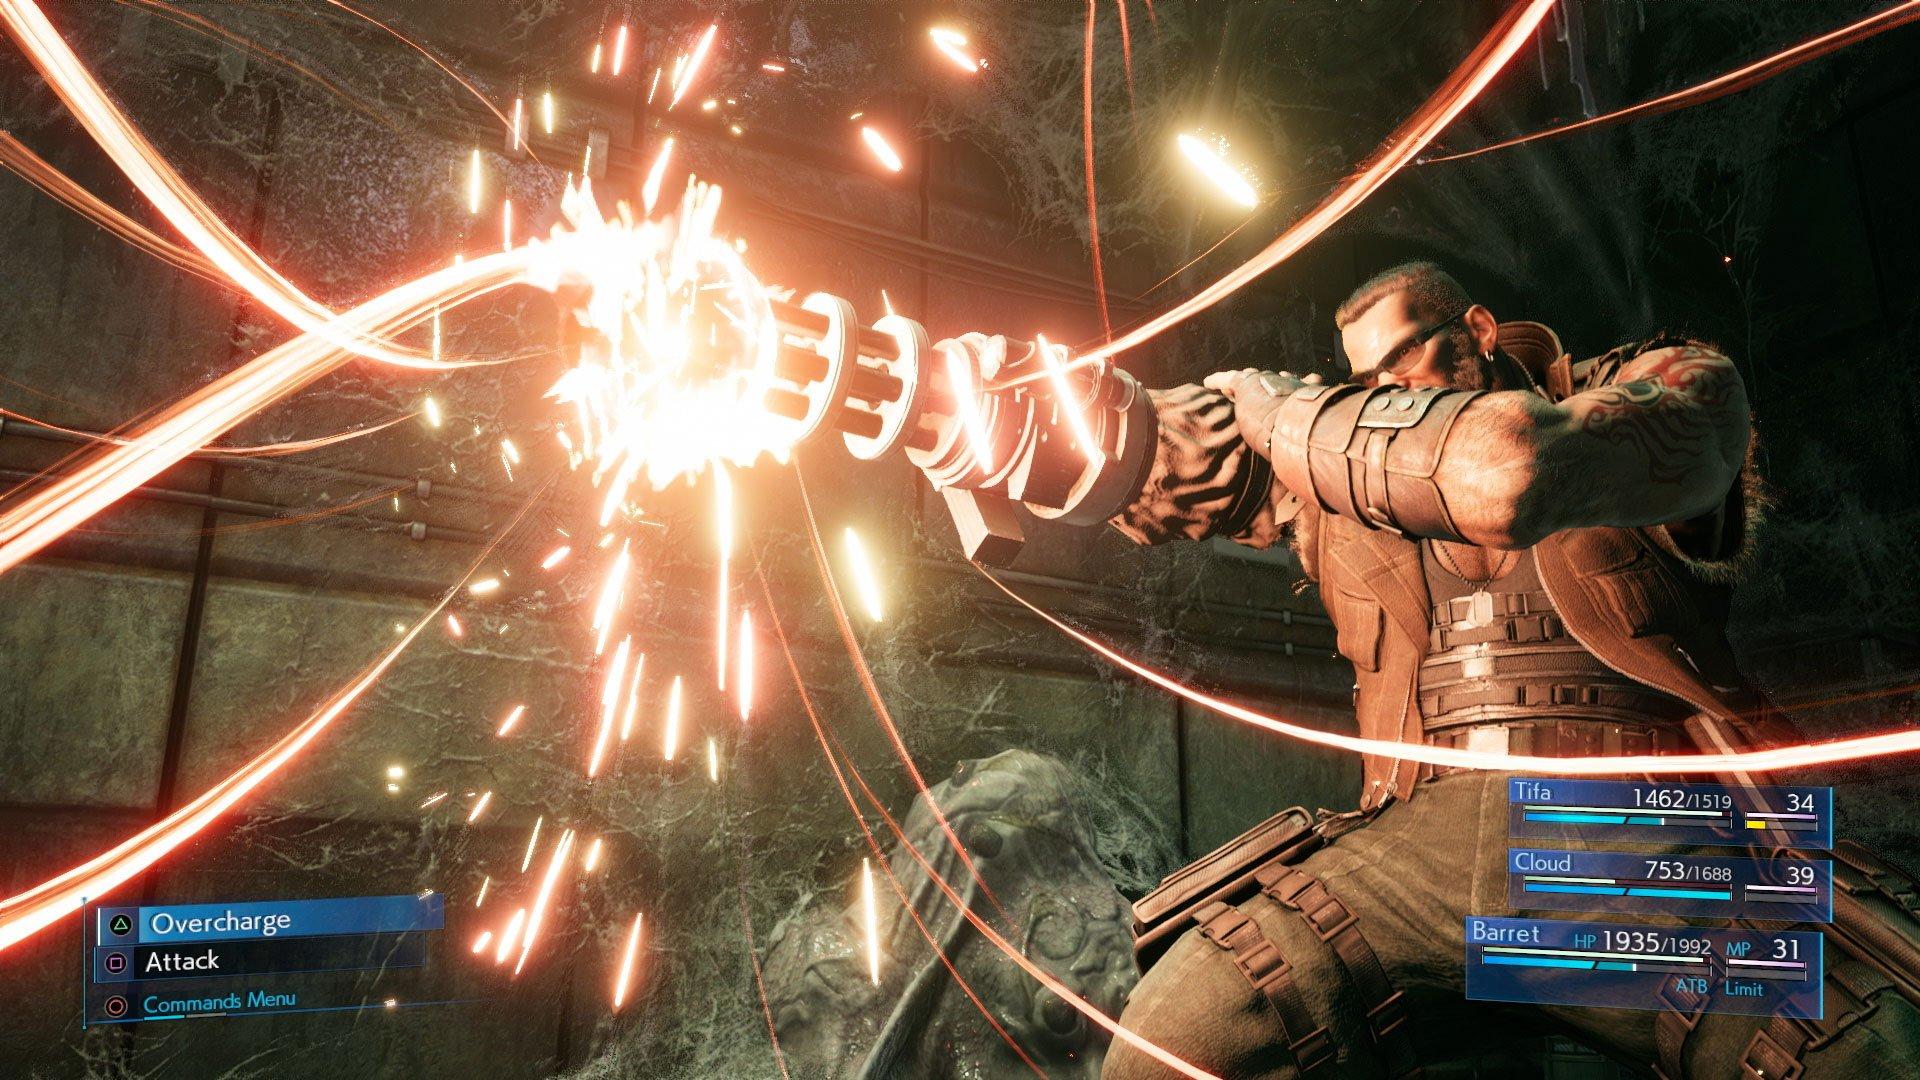 دموی رایگان Final Fantasy 7 Remake را همین حالا رایگان دانلود کنید